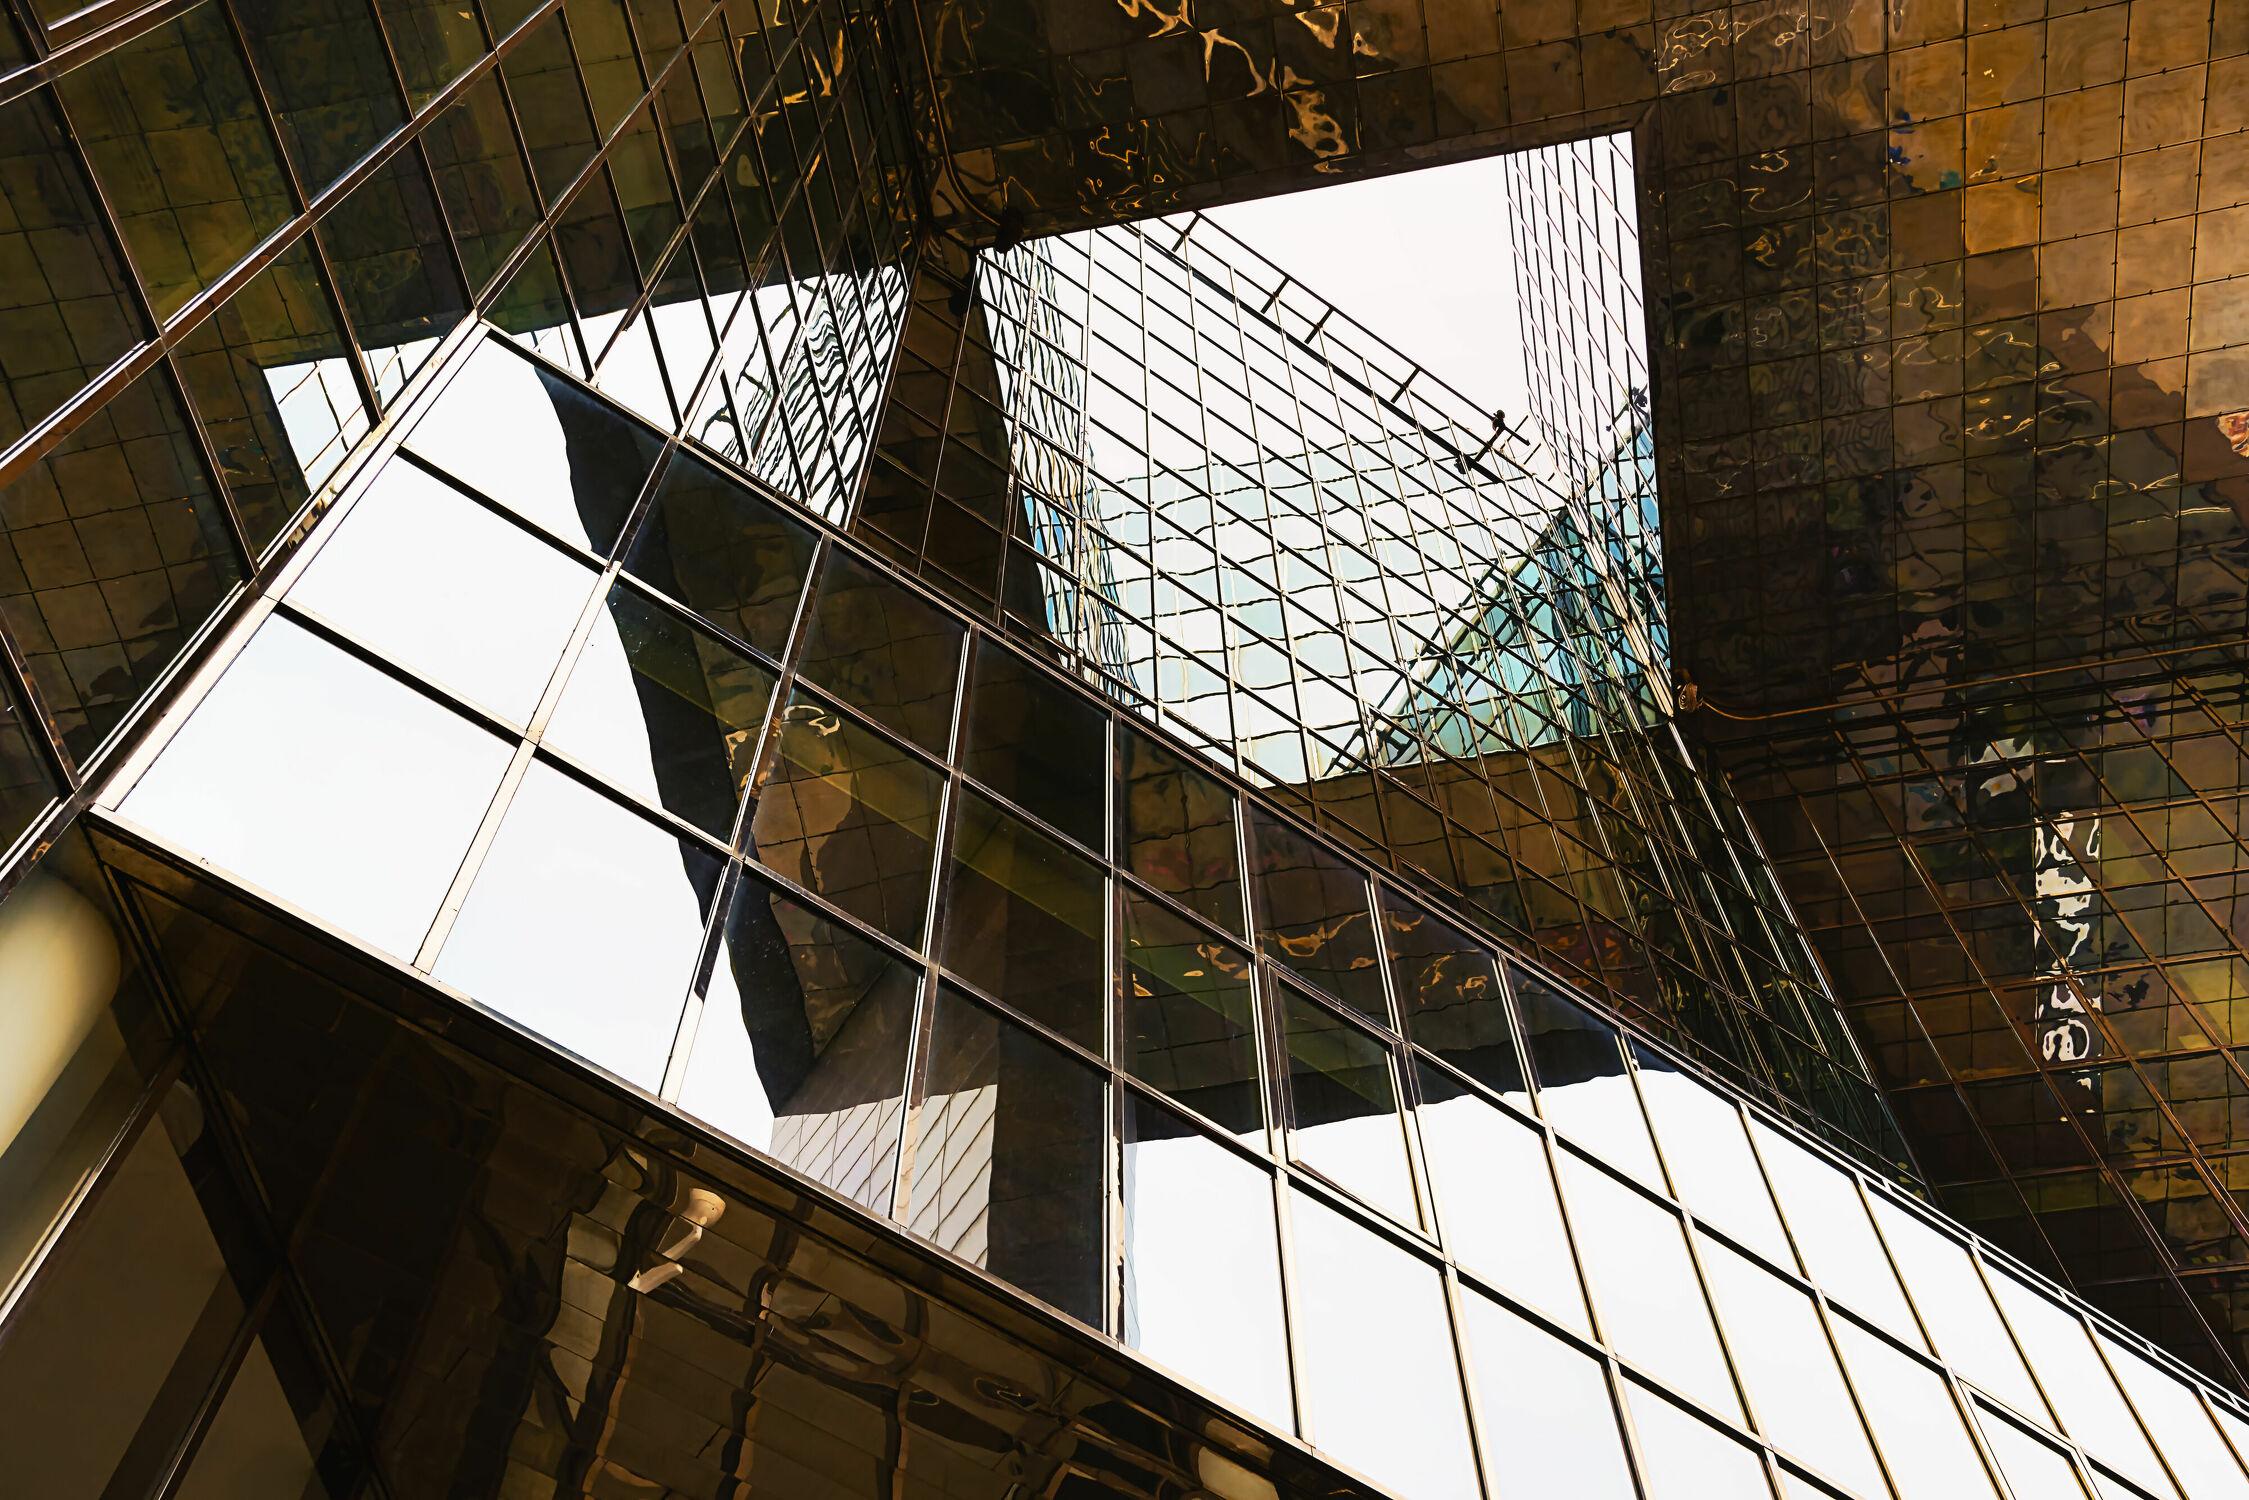 Bild mit Architektur, Gebäude, Glas, Fenster, London, Spiegelung, Perspektive, Reisen, Reisefotografie, Europa, modern, Büro, hochhaus, fassade, großbritannien, Weltstadt, Streetfotografie, UK, Glasfassade